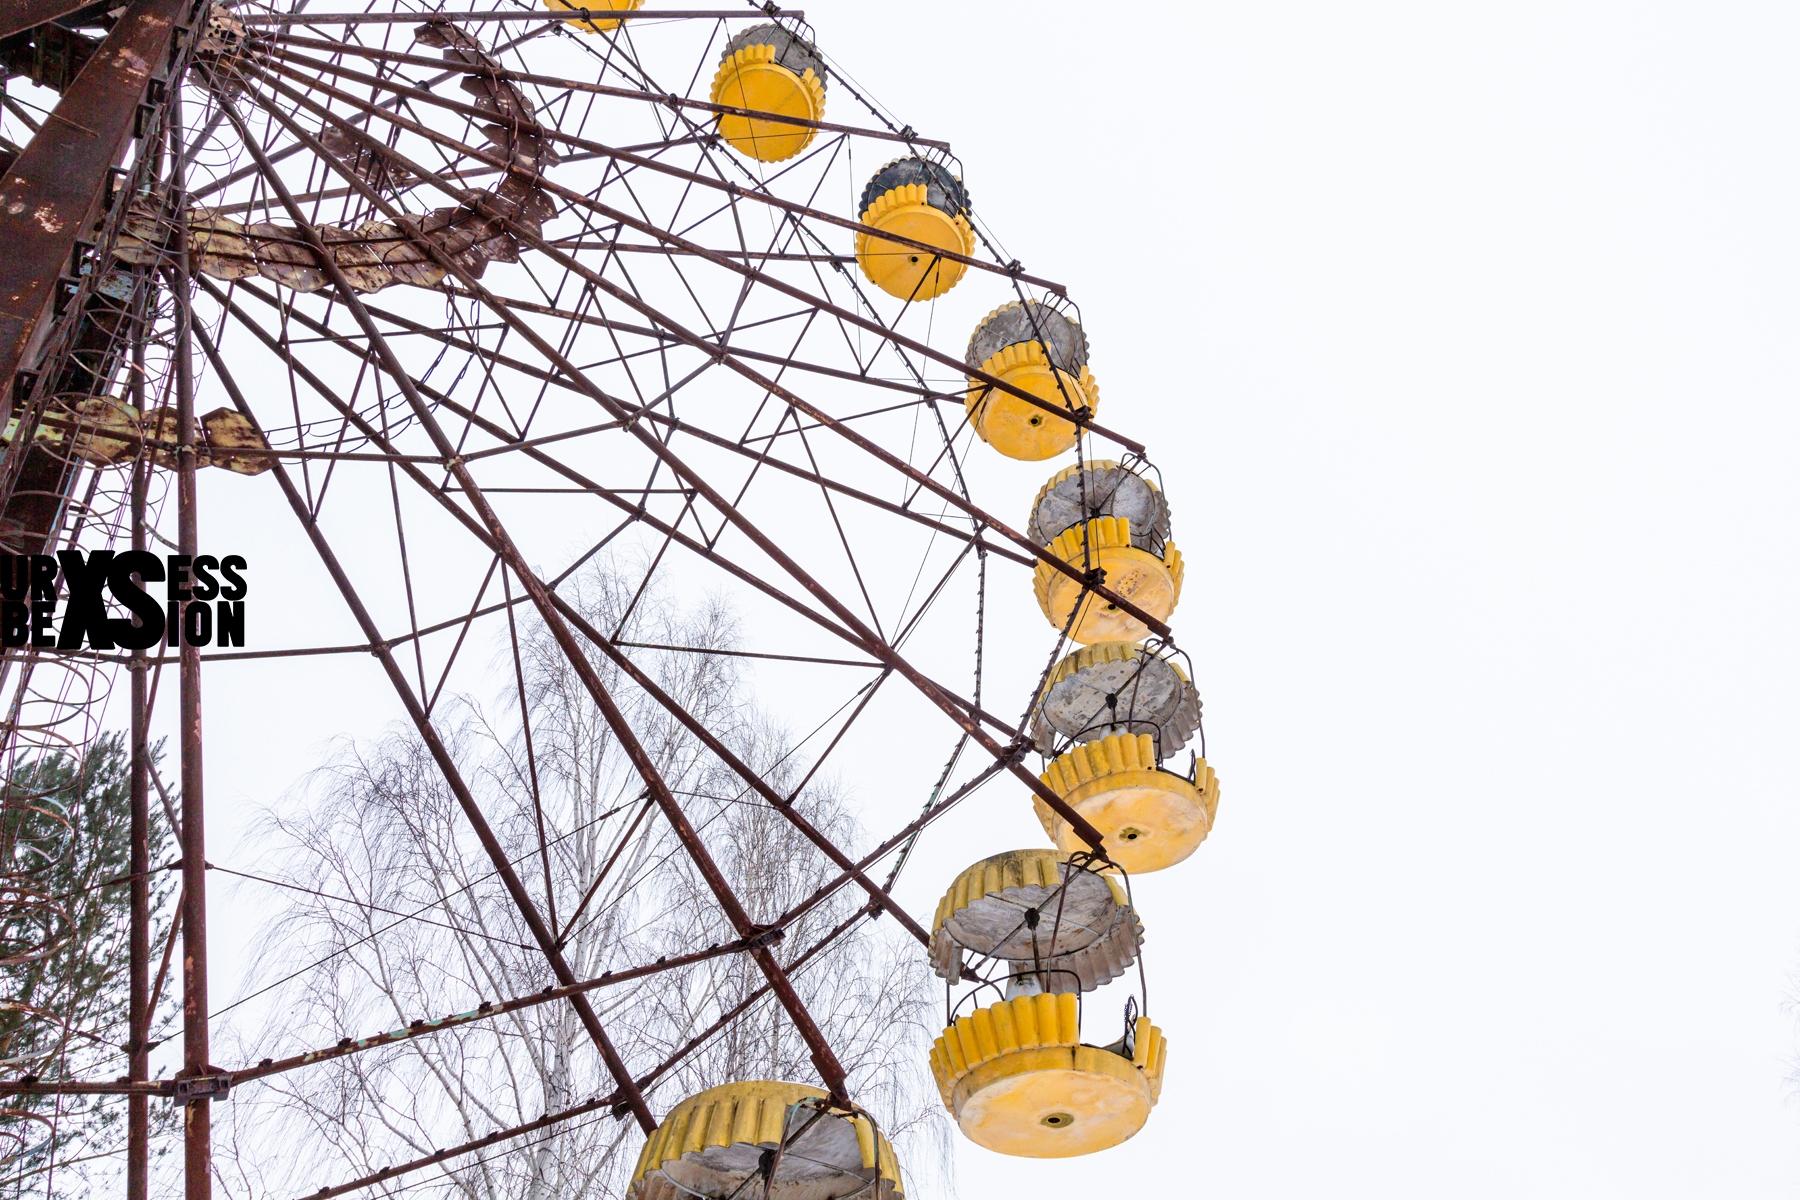 tchernobyl-prypiat-86